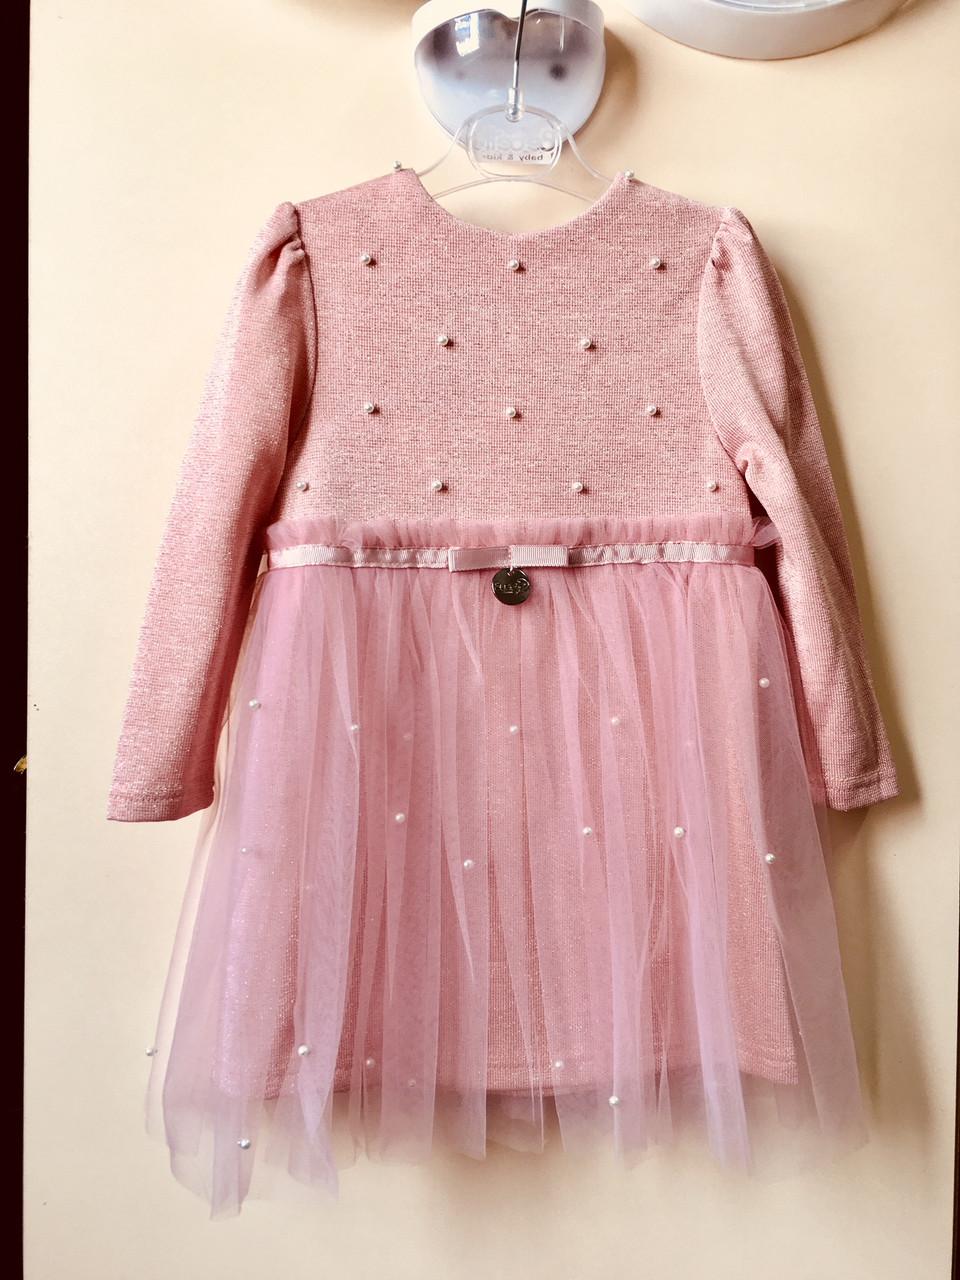 82c4d5b9ebd4312 Детское нарядное платье Ангелина Suzie, пудра, цена 415 грн., купить  Горишние Плавни — Prom.ua (ID#668266596)